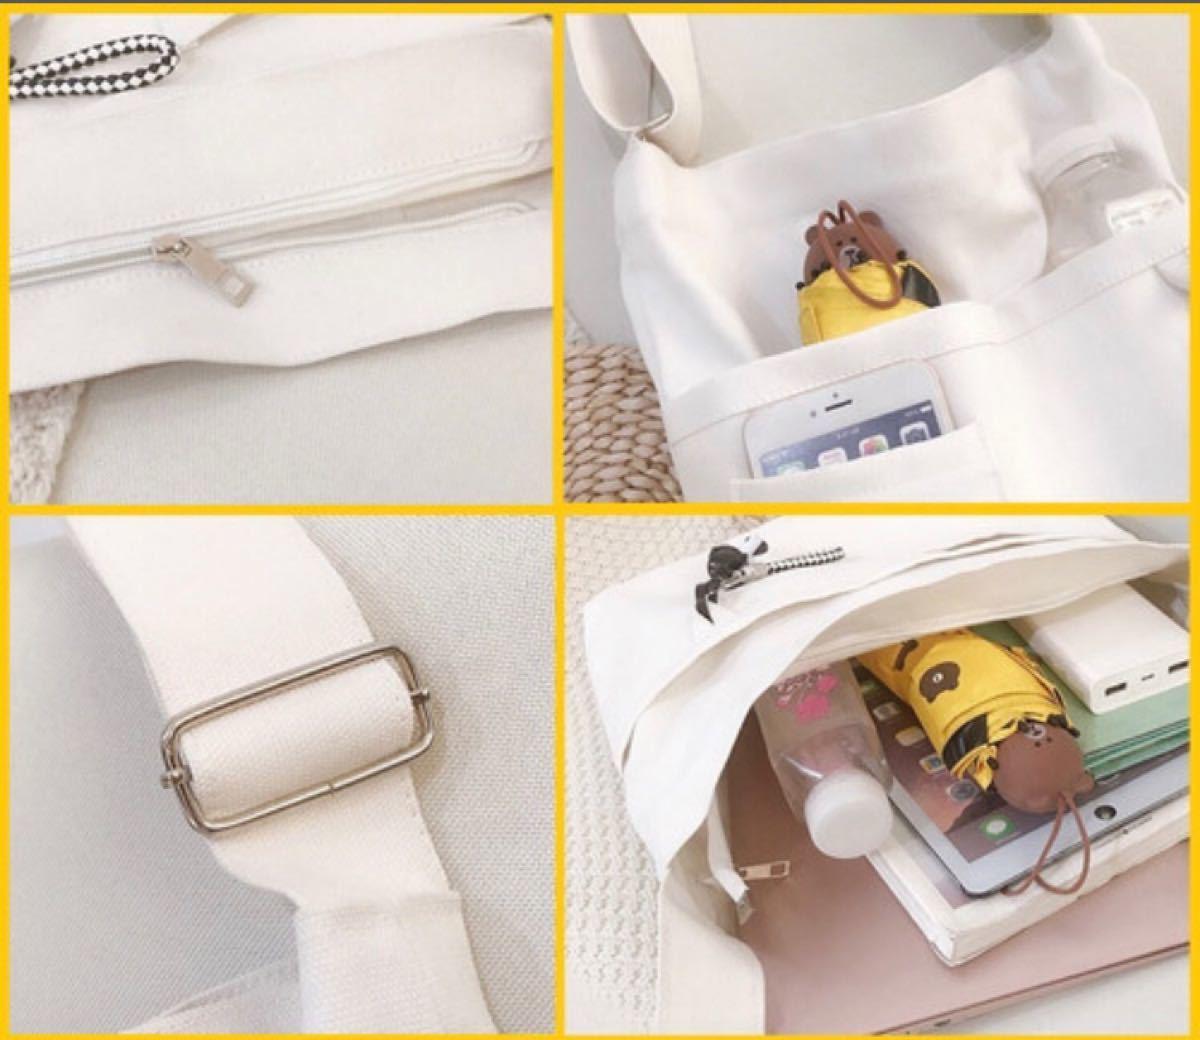 ショルダーバッグ キャンバスバッグ トートバッグ ホワイト レディースバッグ